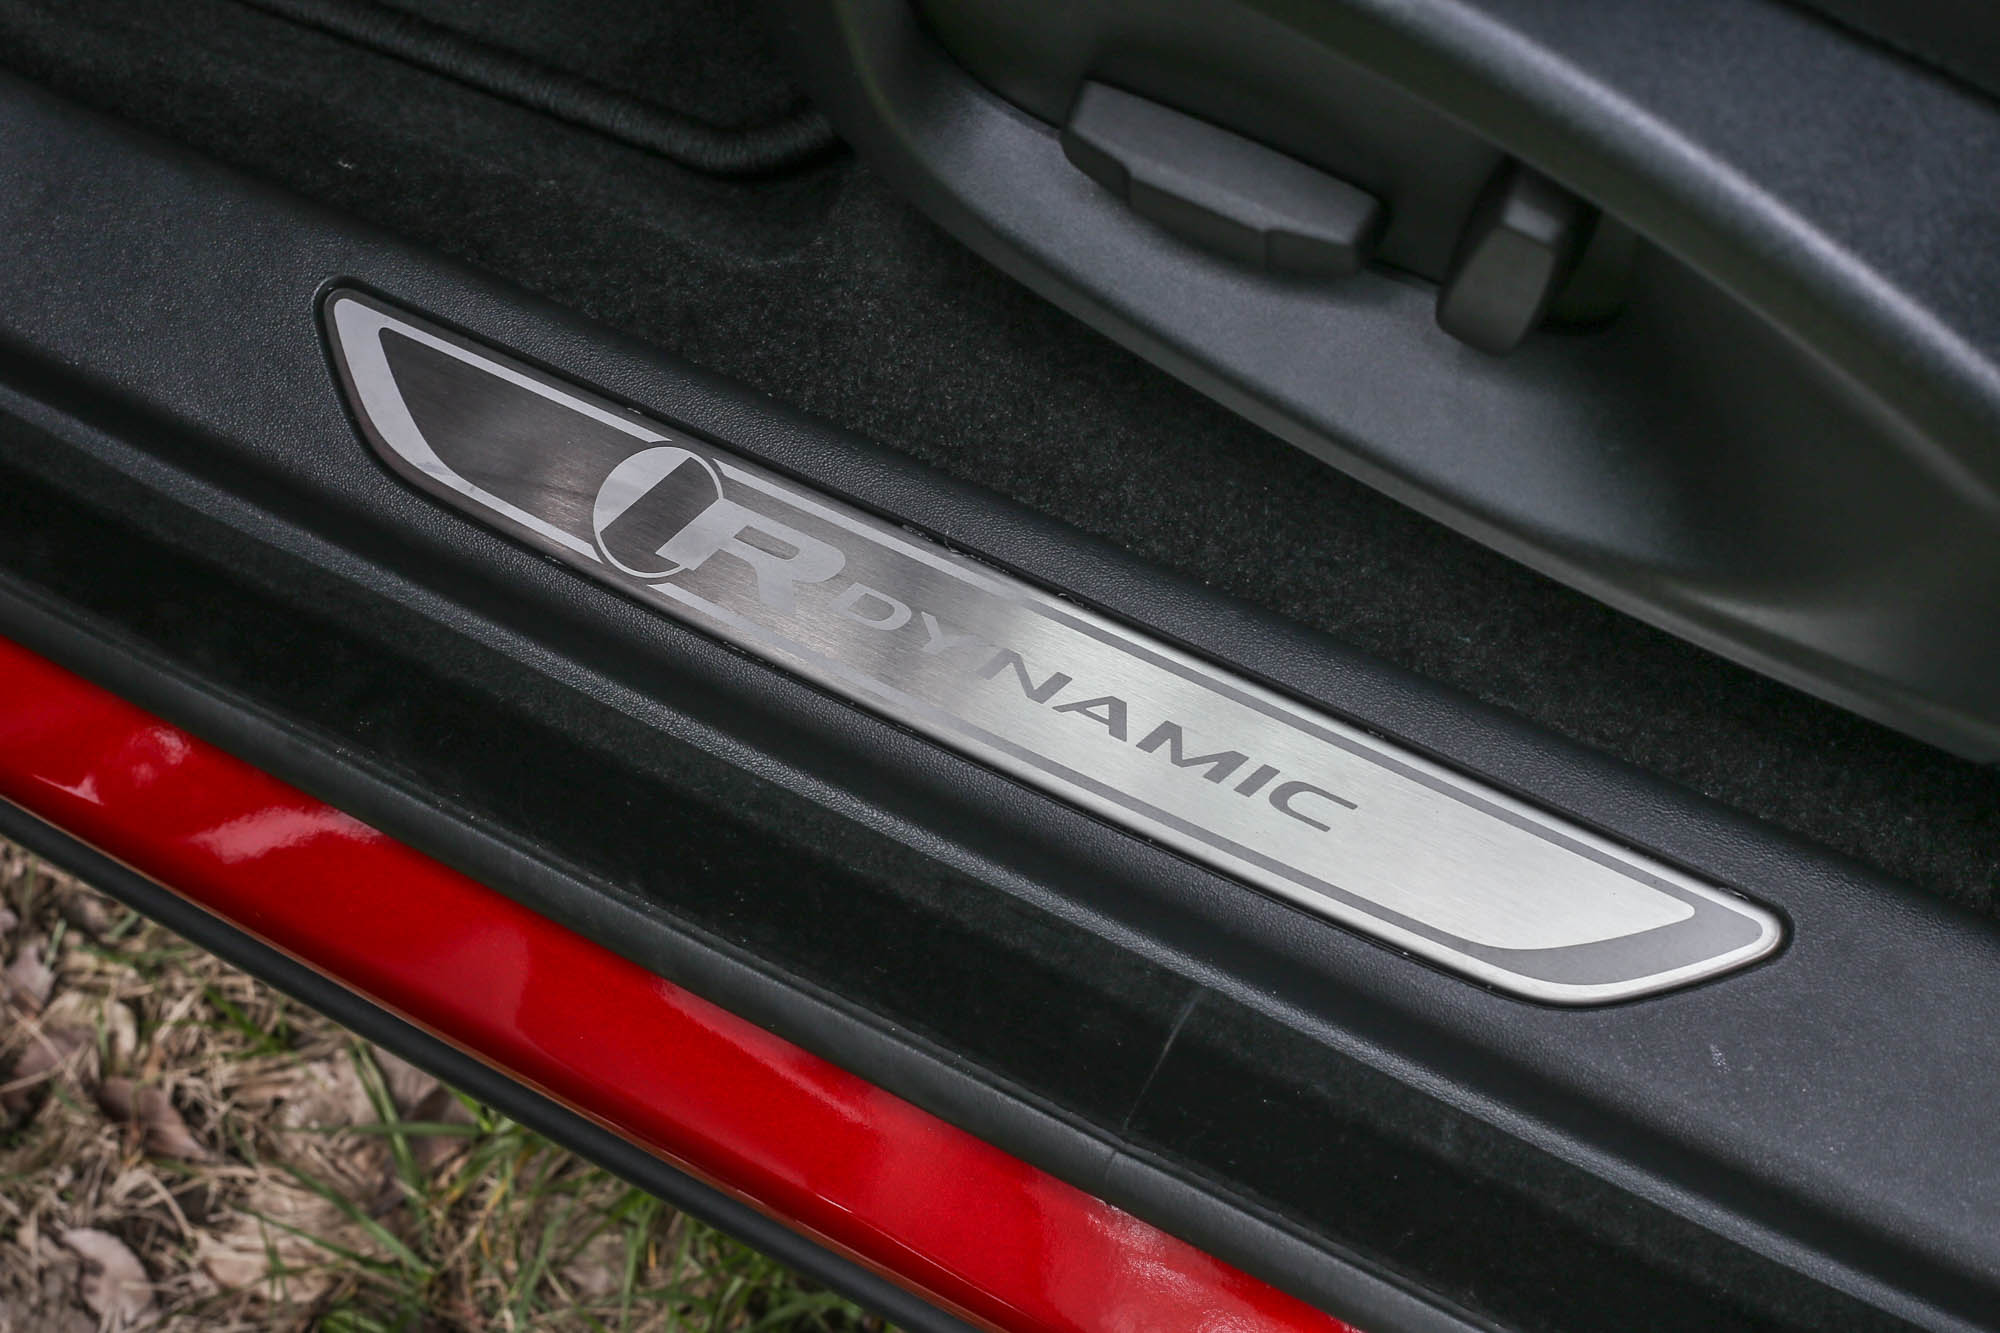 R-Dynamic車型的專屬門檻設計。